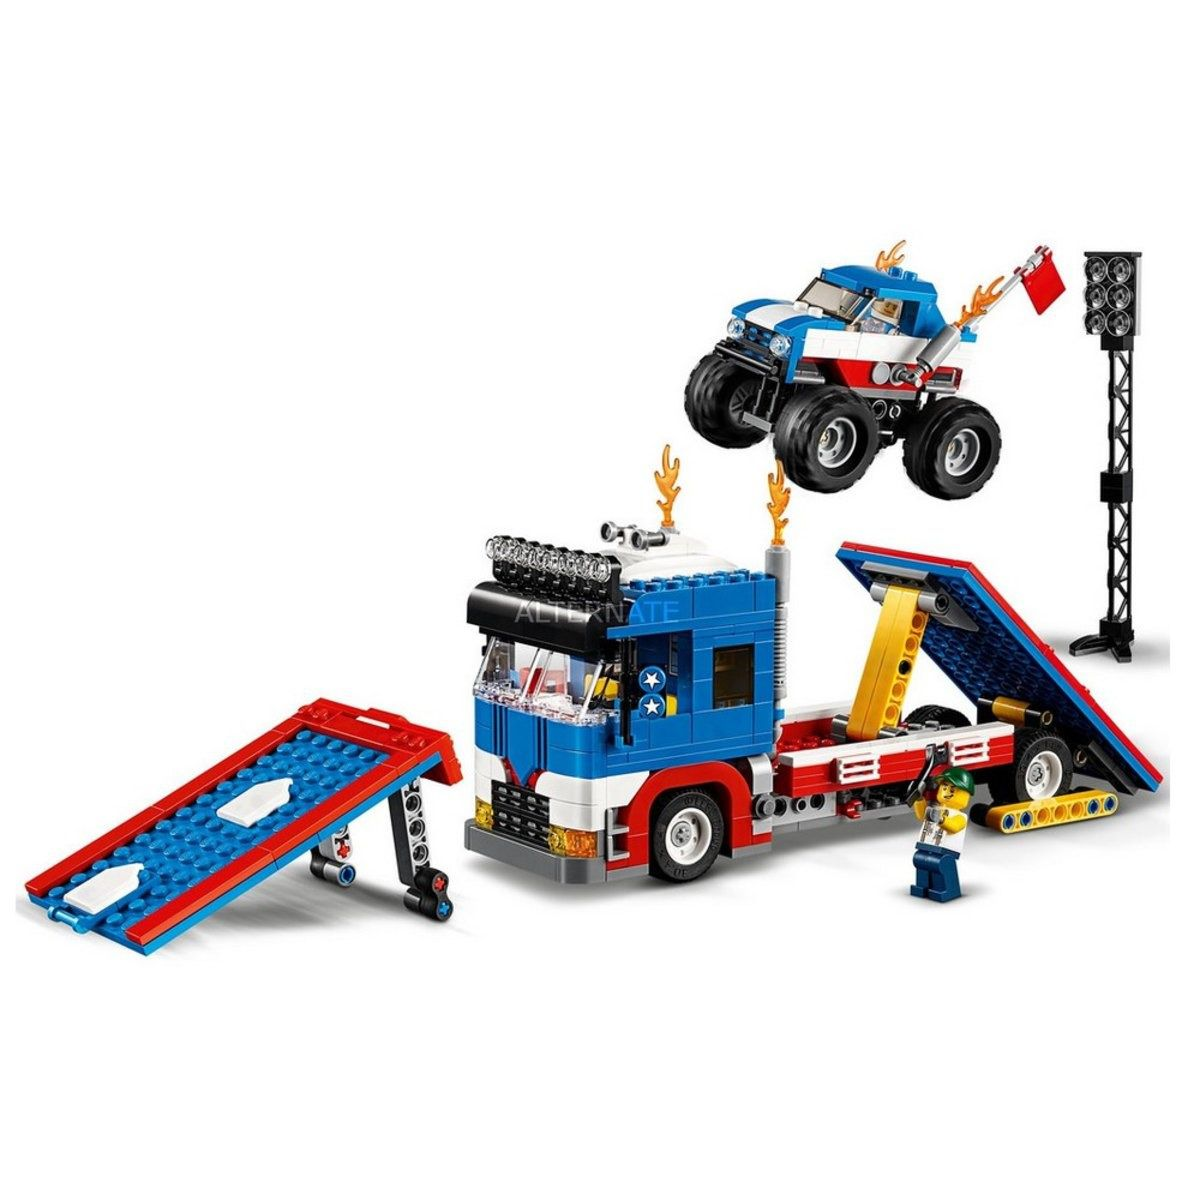 Lego 31085 Creator Espetaculo De Acrobacia Movel – 581 peças   - Doce Diversão